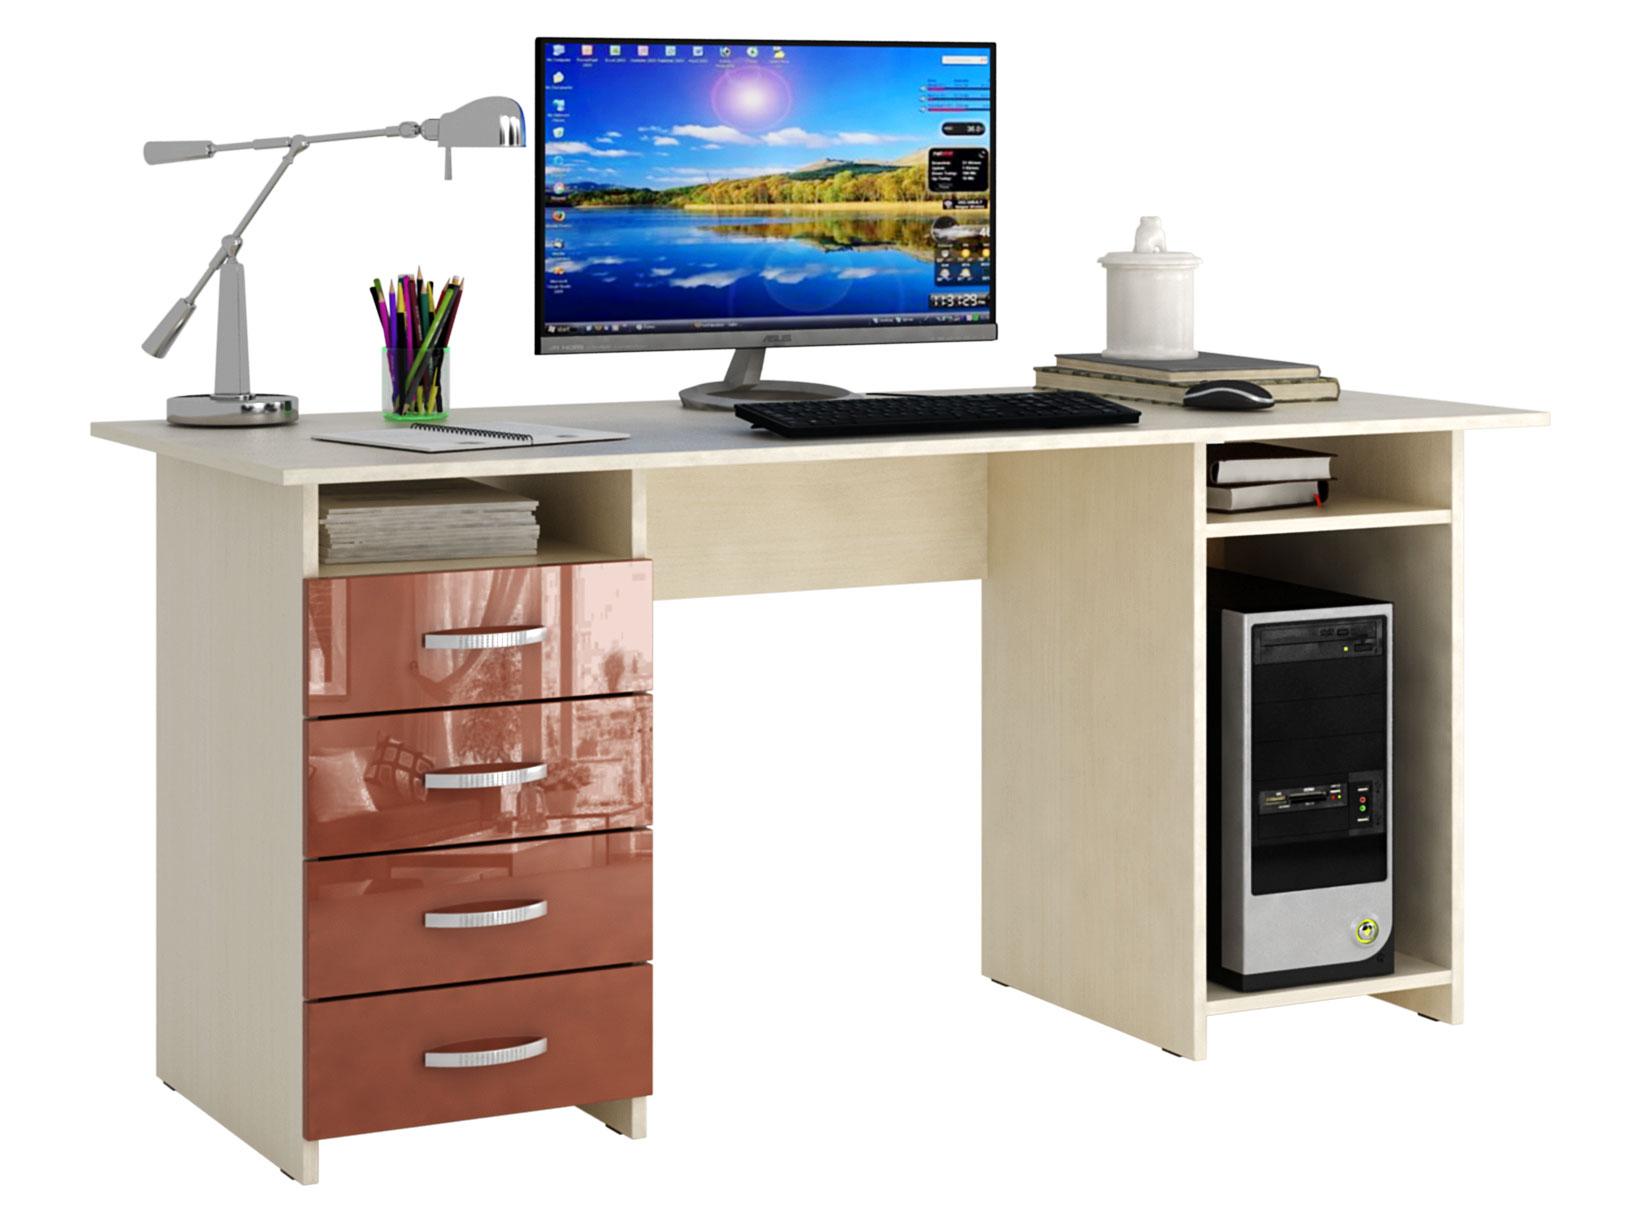 Письменный стол МФ Мастер МСТ-СДМ-06-ГЛ Милан-6 глянец дуб молочный, терракотовый глянец